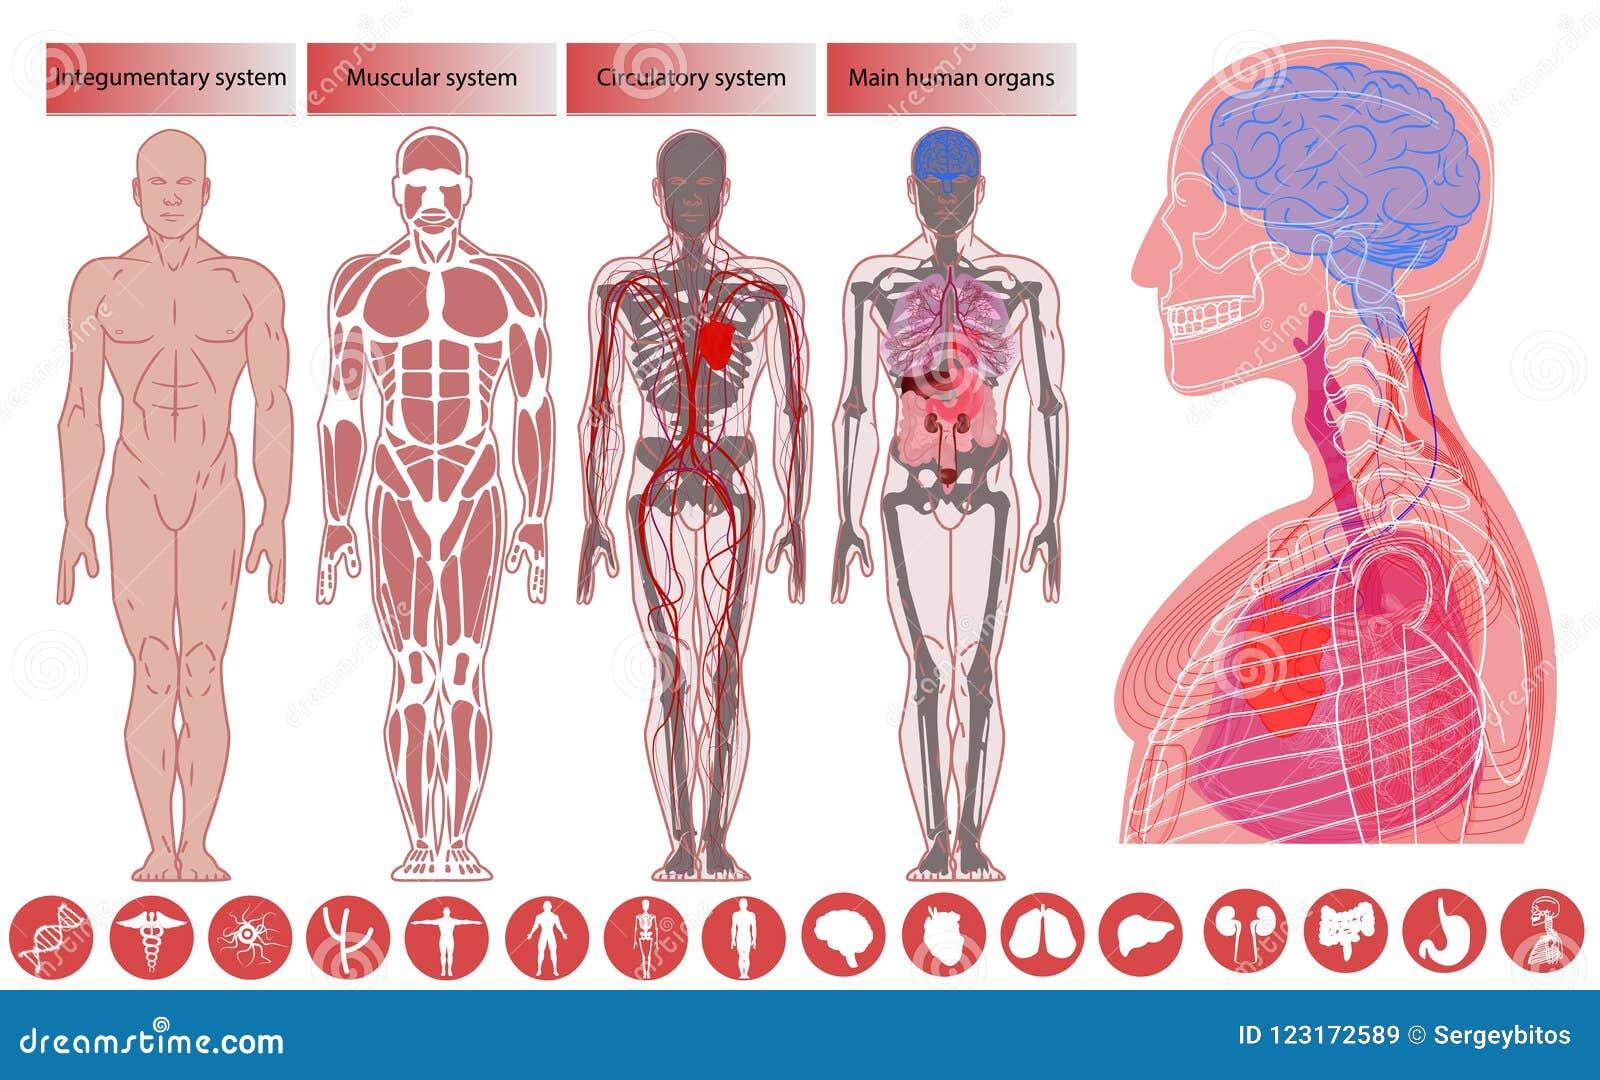 Människokroppanatomi, medicinsk utbildning